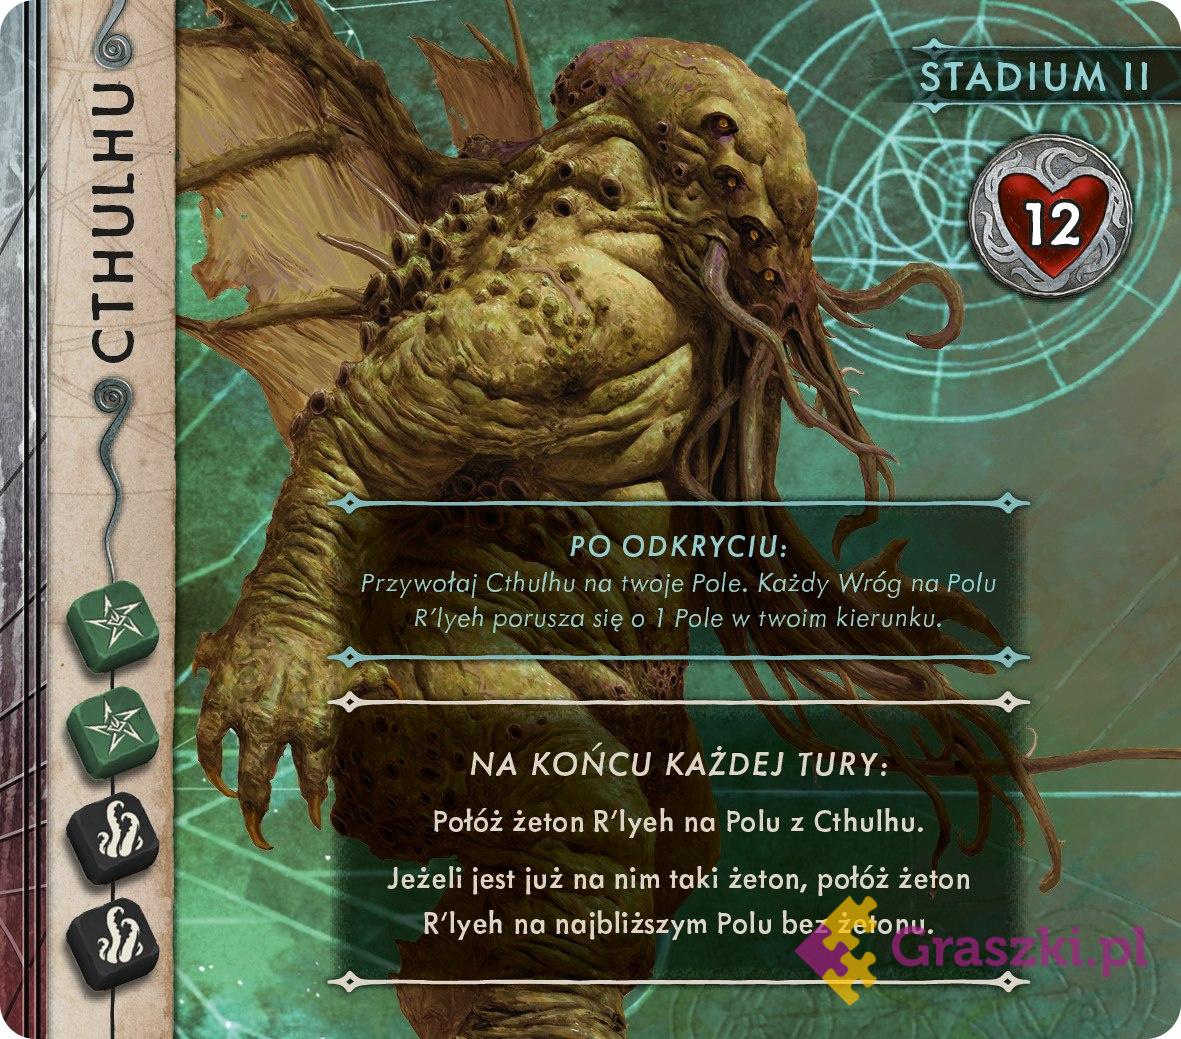 Przedsprzedaż Cthulhu: Death May Die // darmowa dostawa od 249.99 zł // wysyłka do 24 godzin! // odbiór osobisty w Opolu